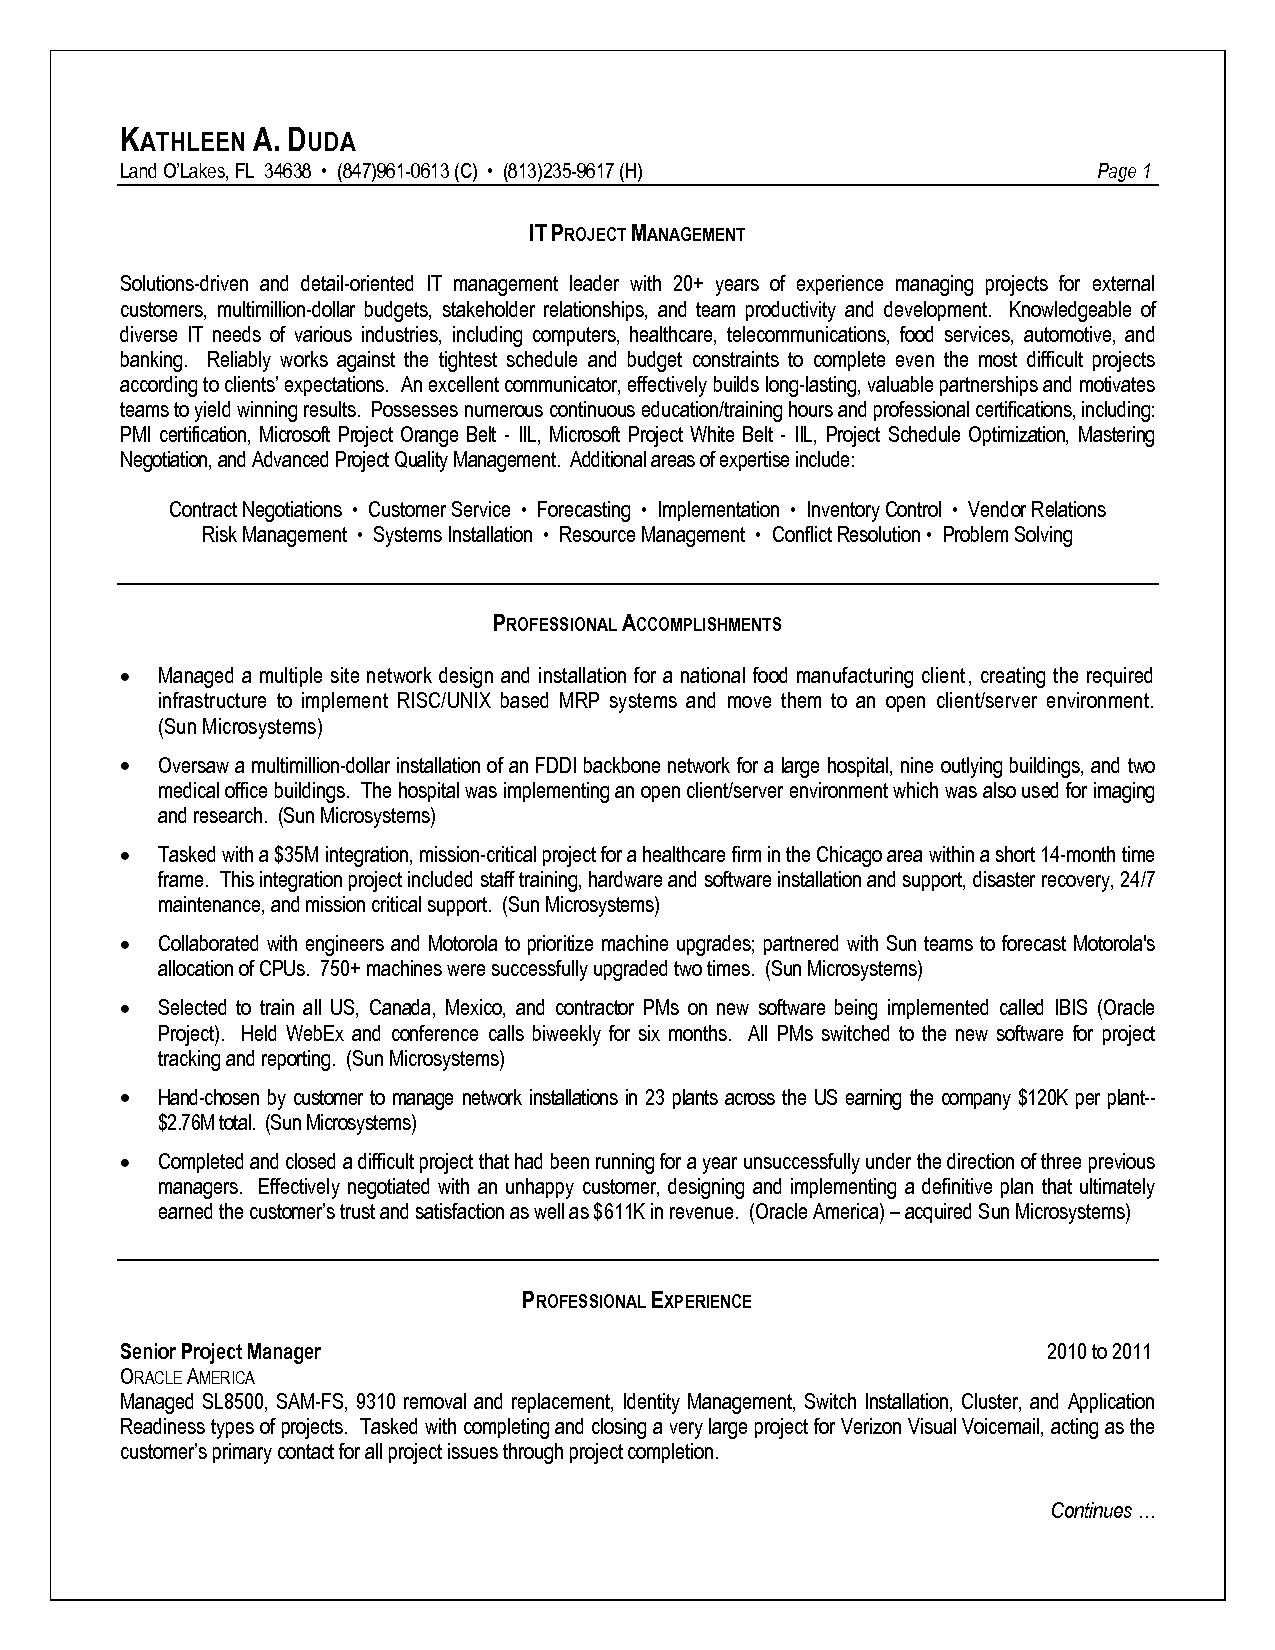 stockroom resume resumecareer info stockroom resume  stockroom resume resumecareer info stockroom resume 6 resume career termplate resume